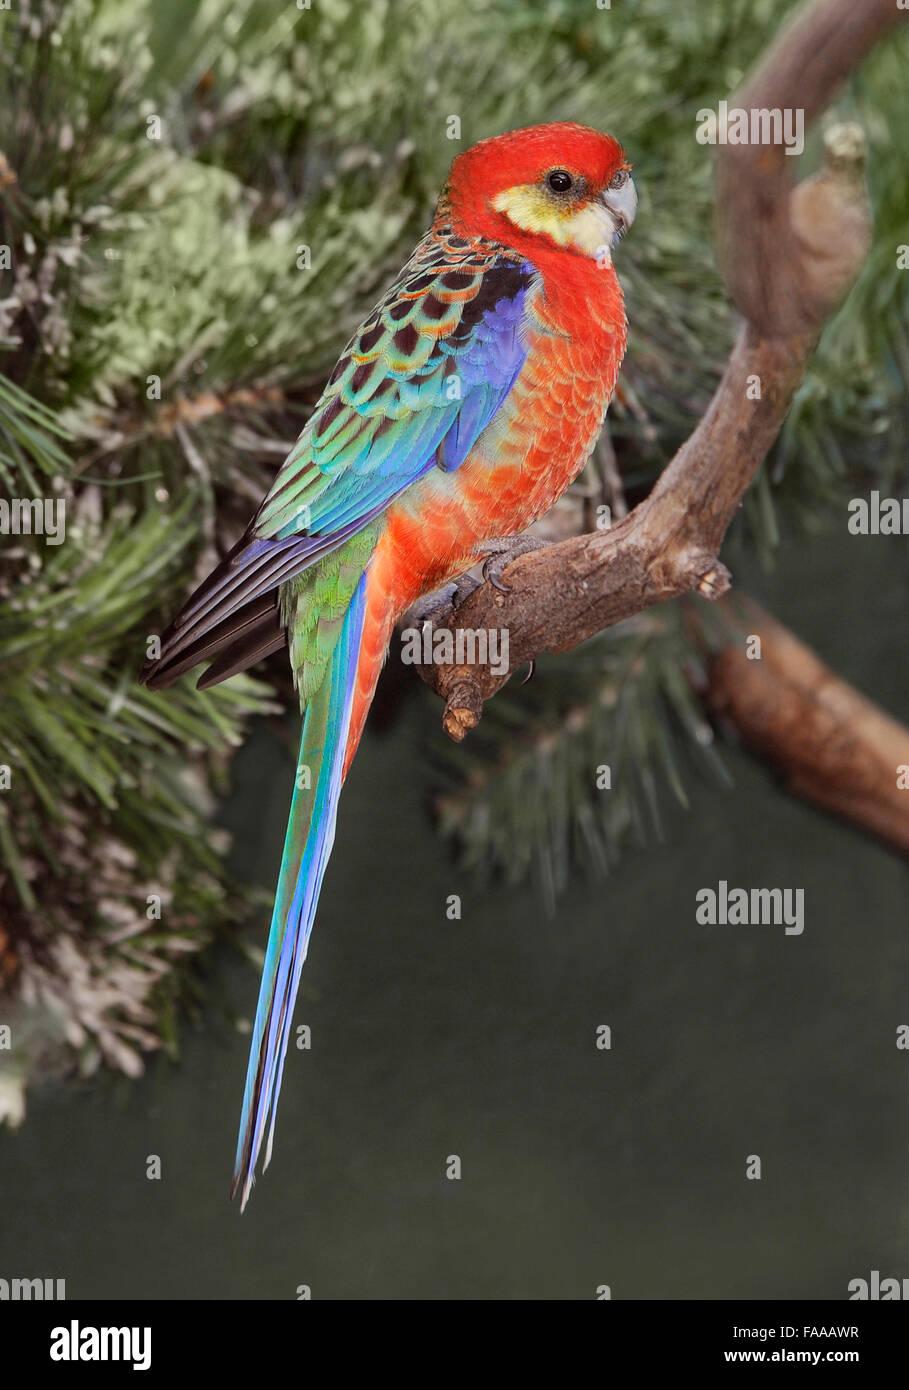 Western Rosella, 'Platycercus icterotis' on branch, Australian Birds, Australian Parrots, Rosella, colourful birds, Stock Photo